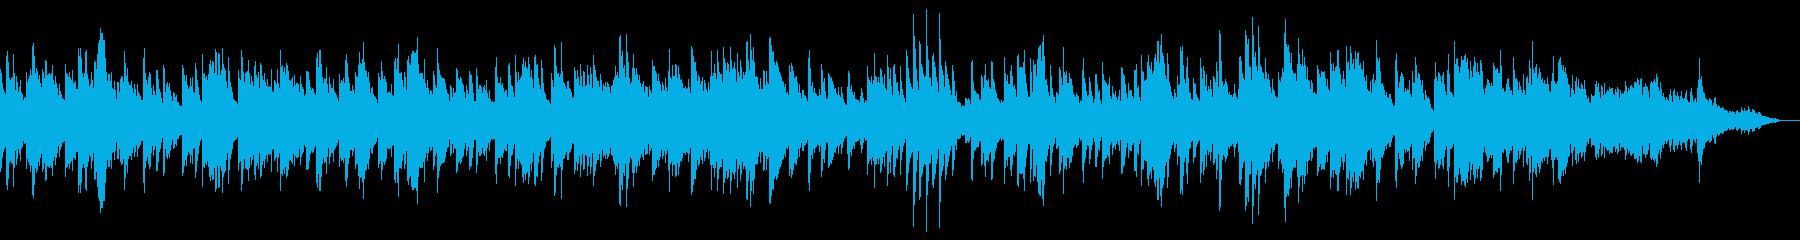 ショパン ゆったりヒーリングクラシック2の再生済みの波形